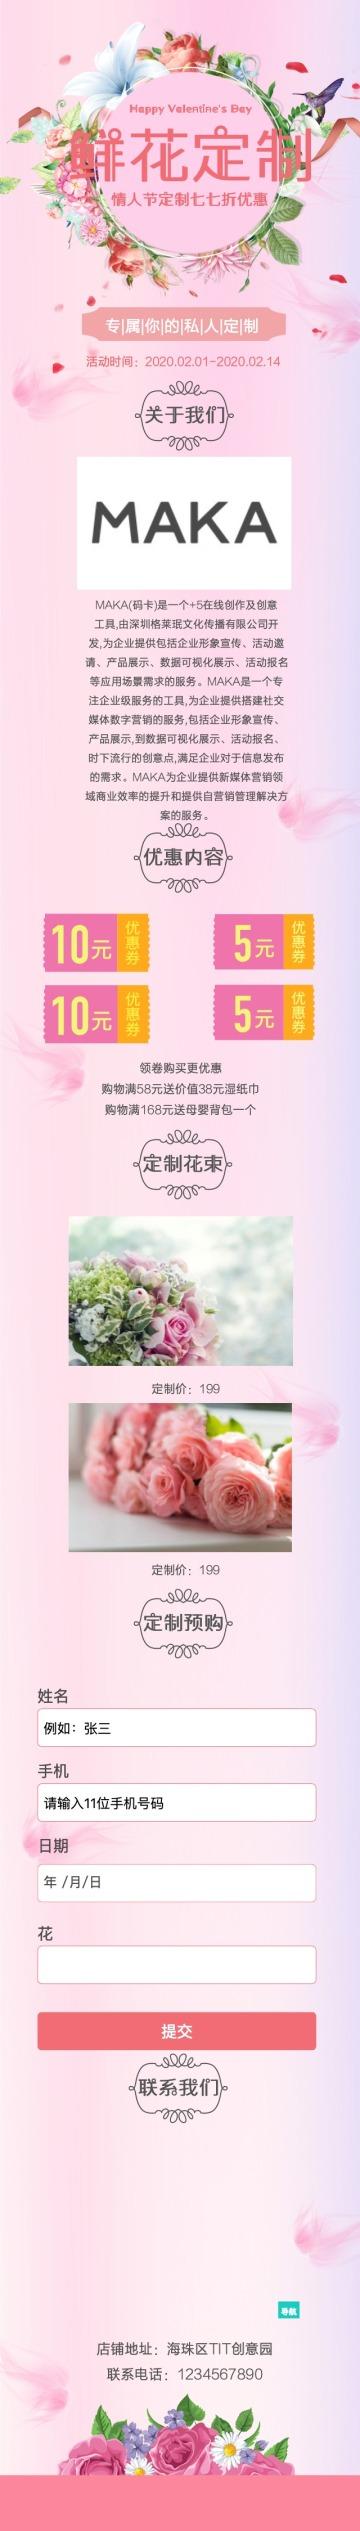 唯美浪漫文艺情人节百货零售鲜花促销推广单页